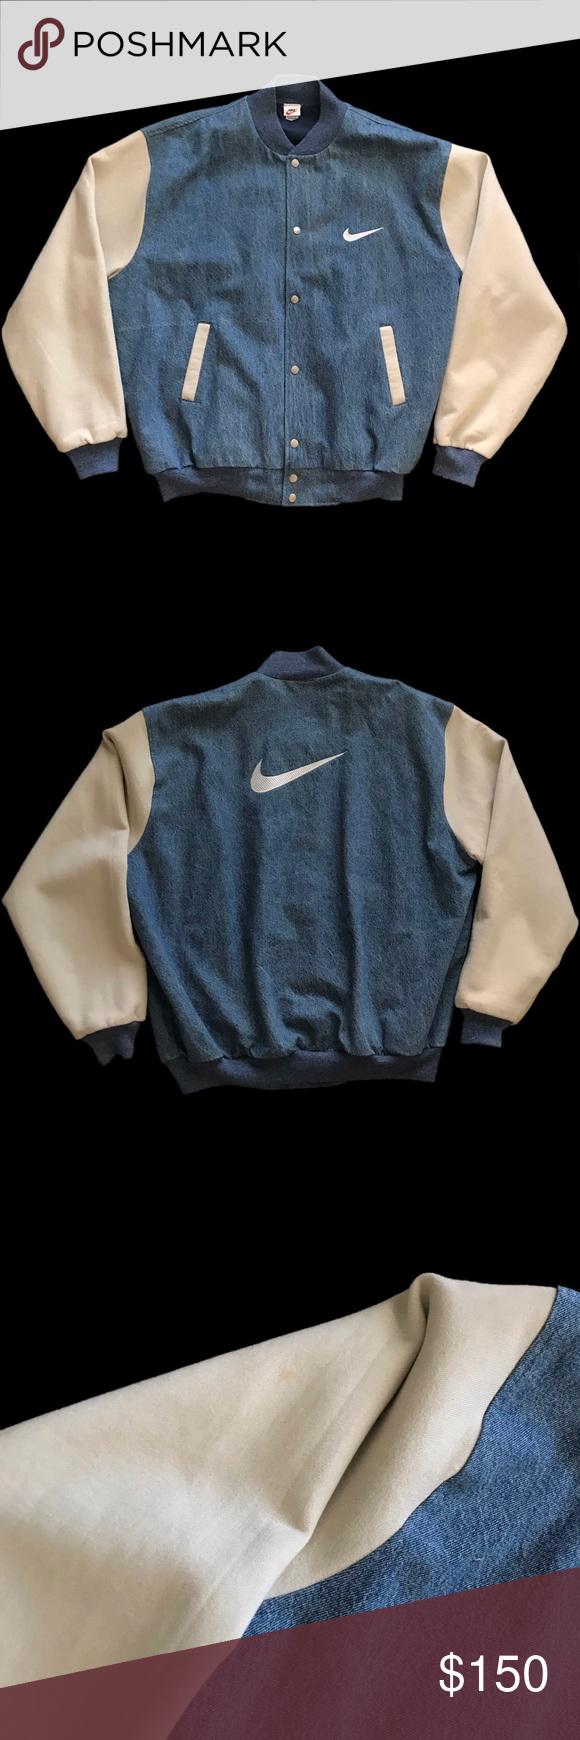 Early 1990s Nike Denim Varsity Jacket Extremely Rare 90s Vintage Nike Varsity Jacket With Front Back Swoosh Logo E Nike Varsity Jacket Varsity Jacket Jackets